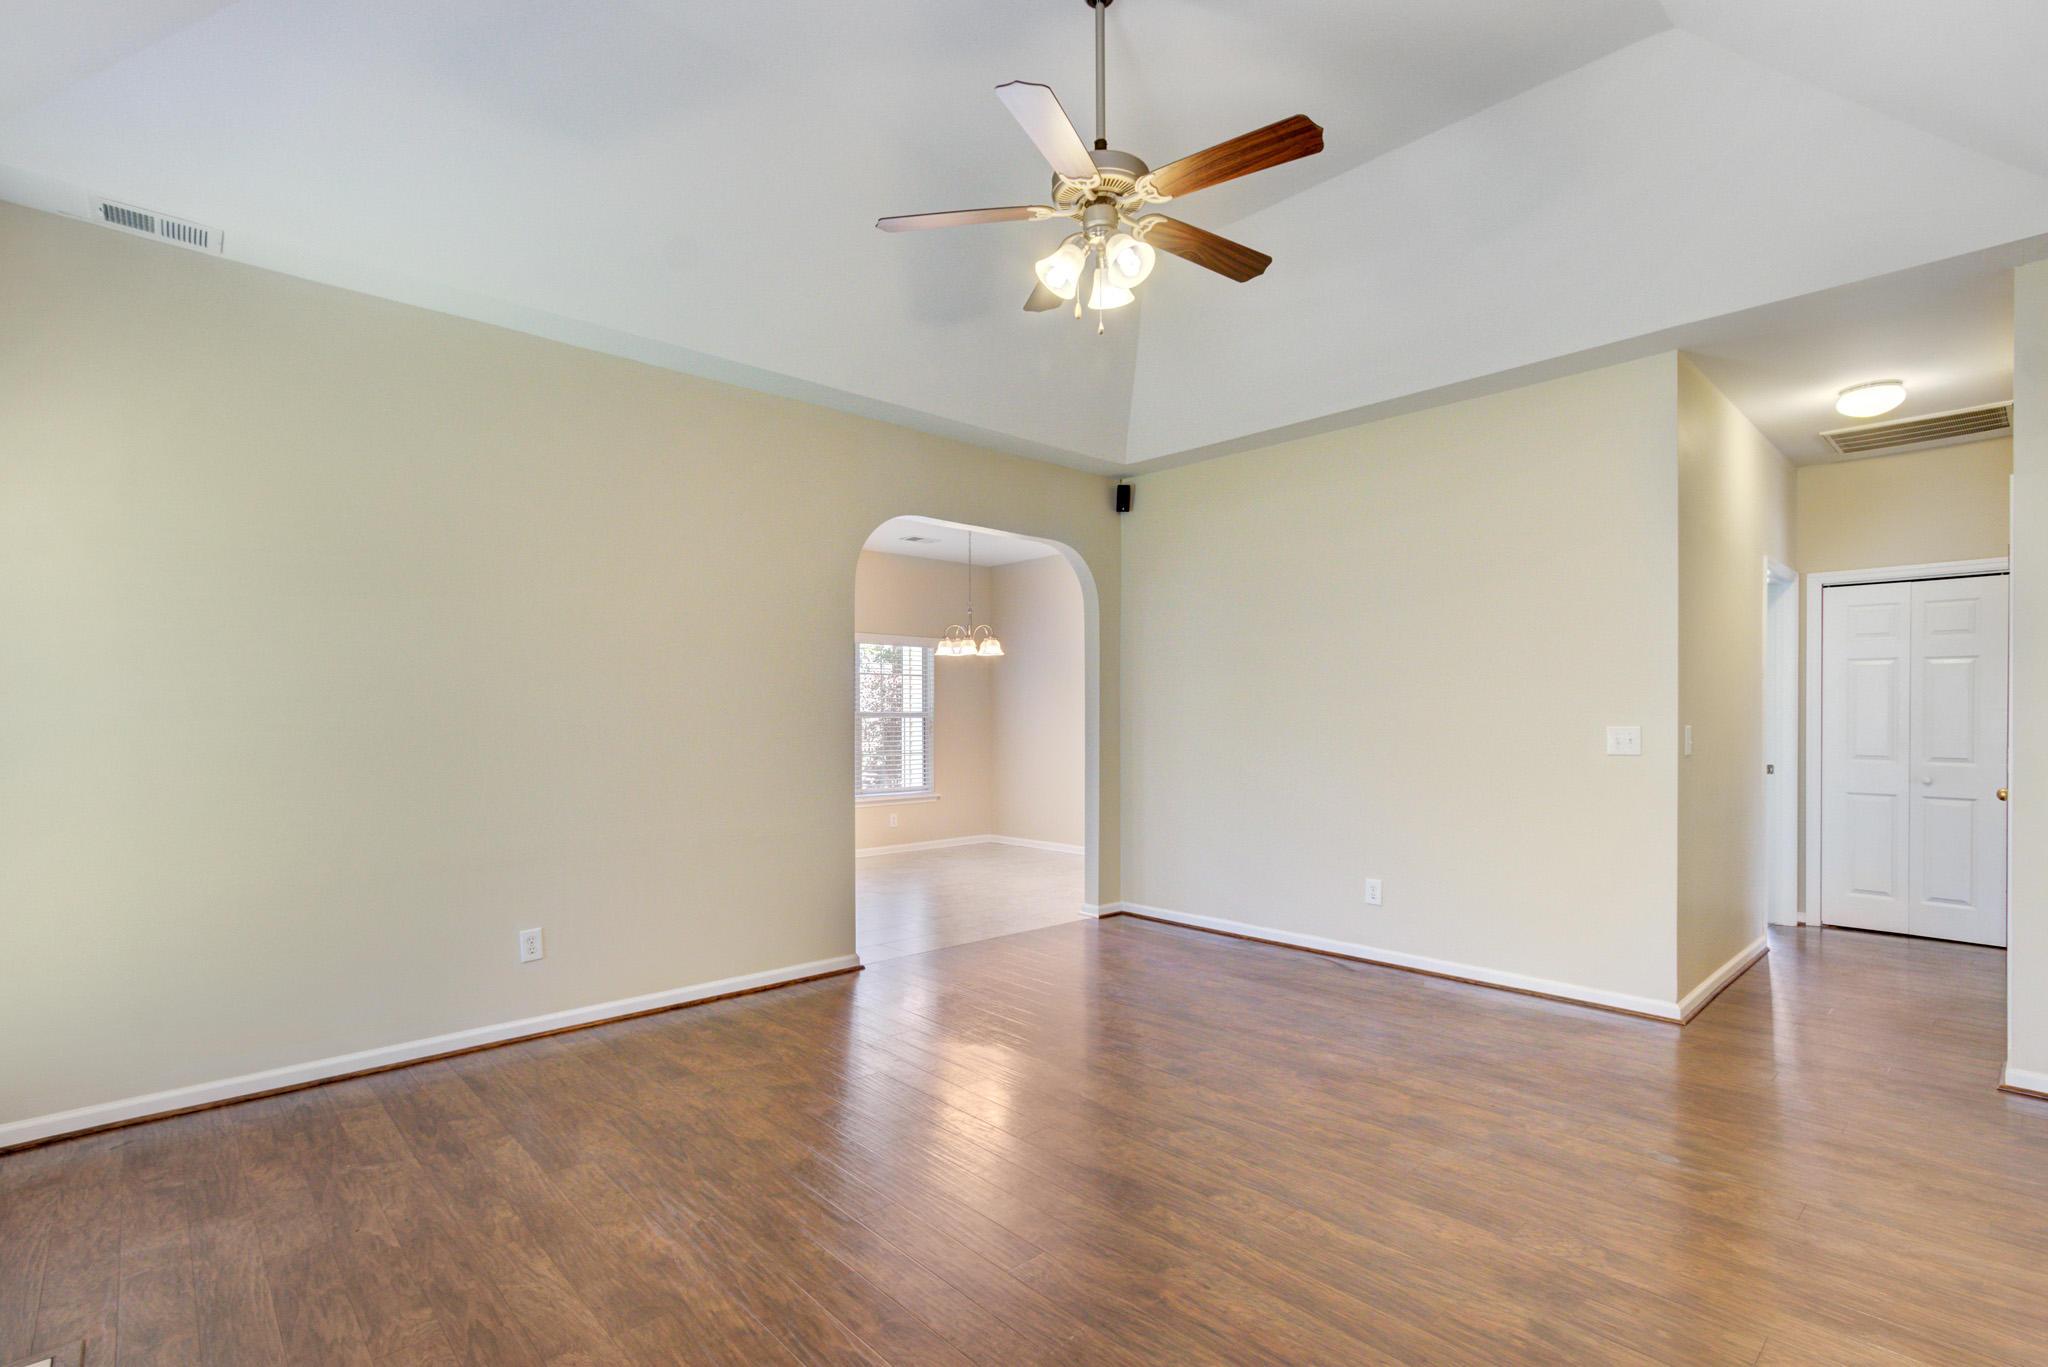 Dunes West Homes For Sale - 1645 Pin Oak Cut, Mount Pleasant, SC - 21